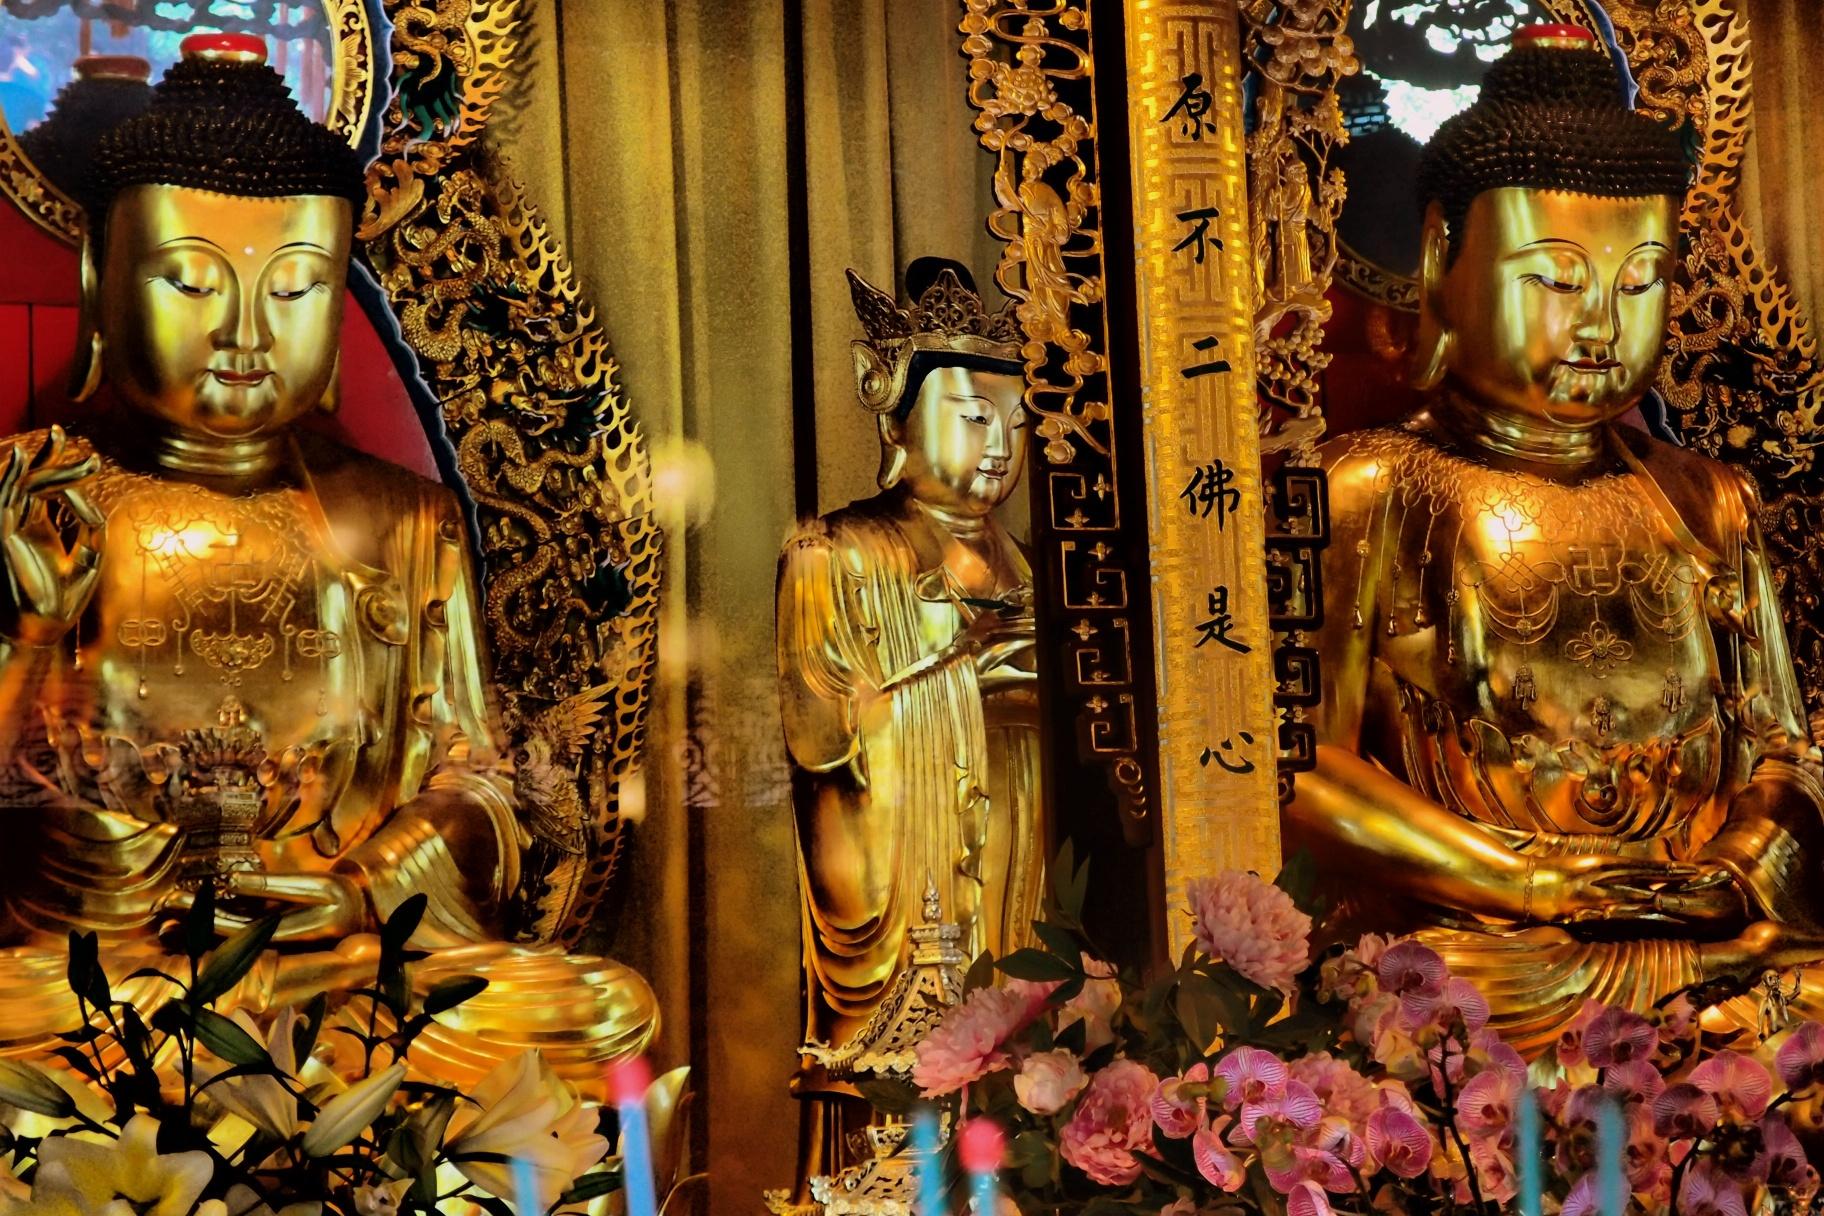 Very photogenic, the old Po Lin Monastery